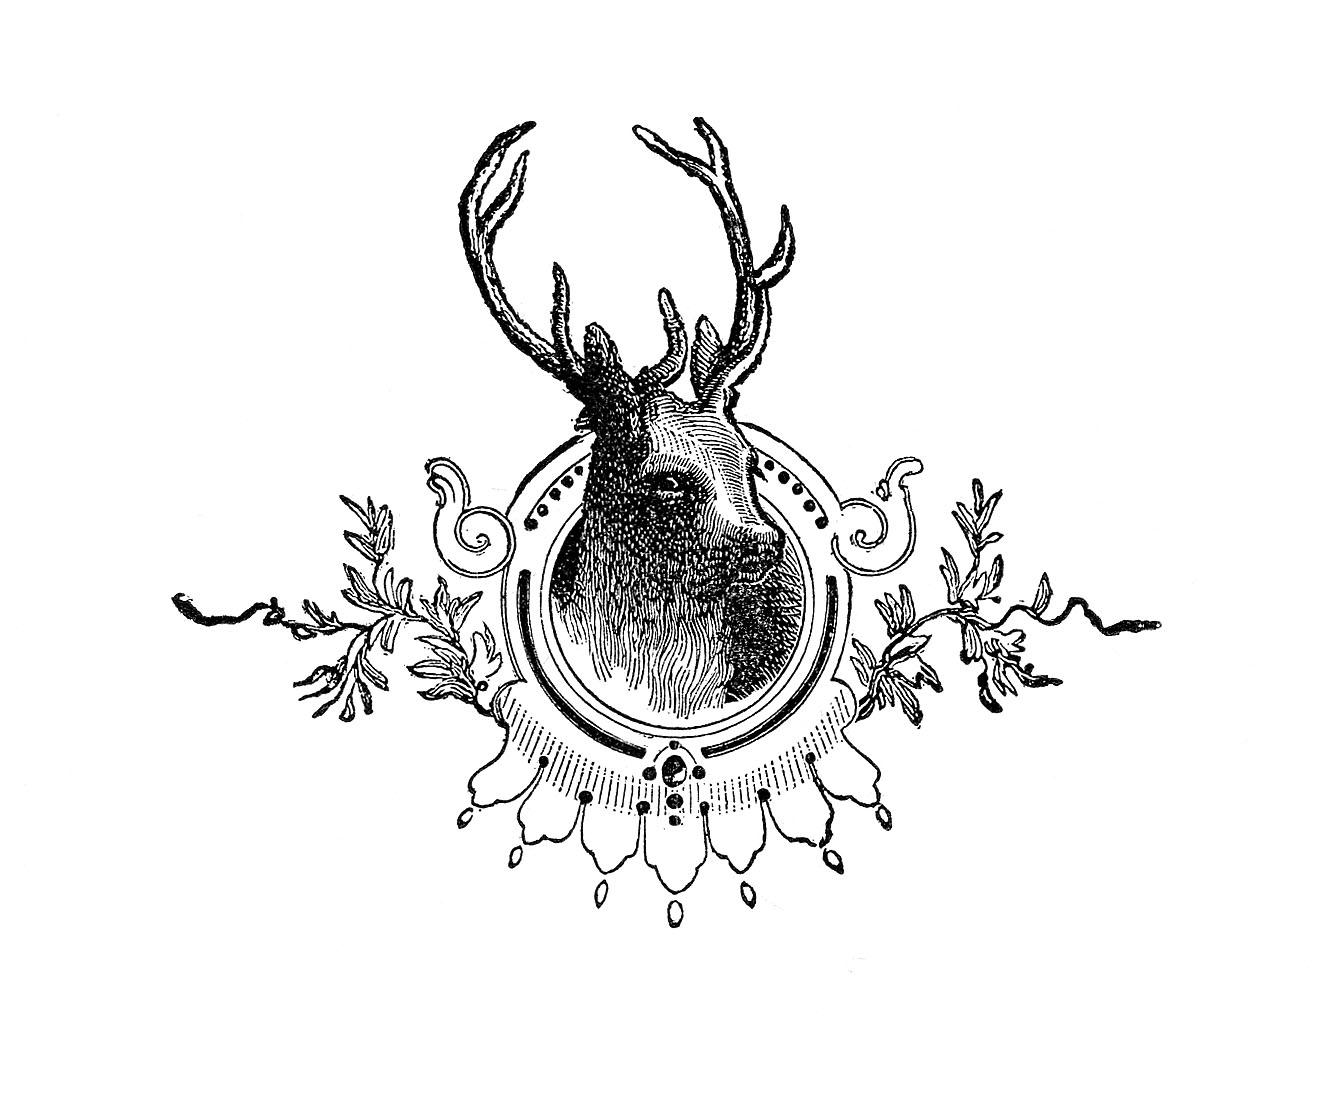 Vintage Christmas Image - Deer Head Engraving - The ...